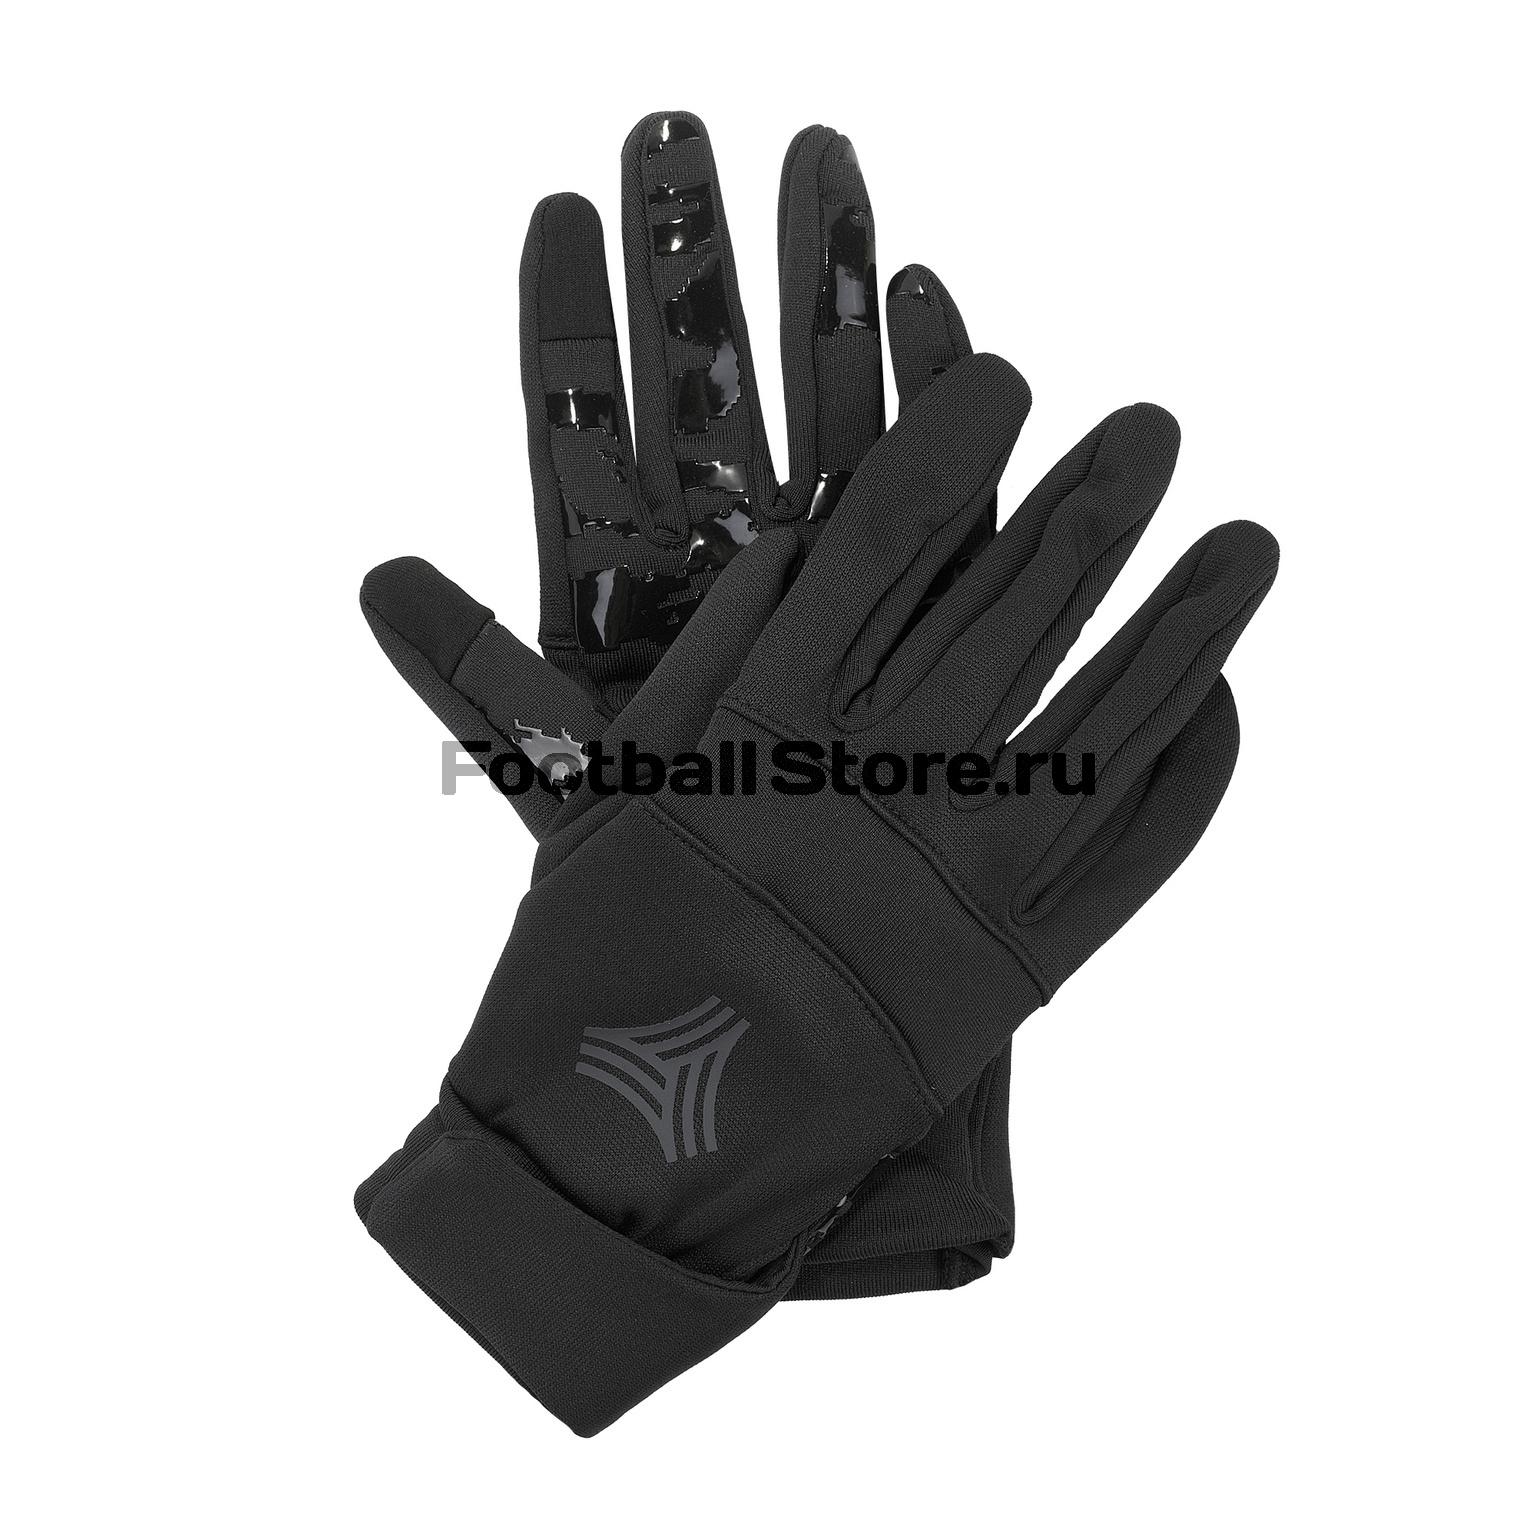 Перчатки тренировочные Adidas FS Gloves DY1985